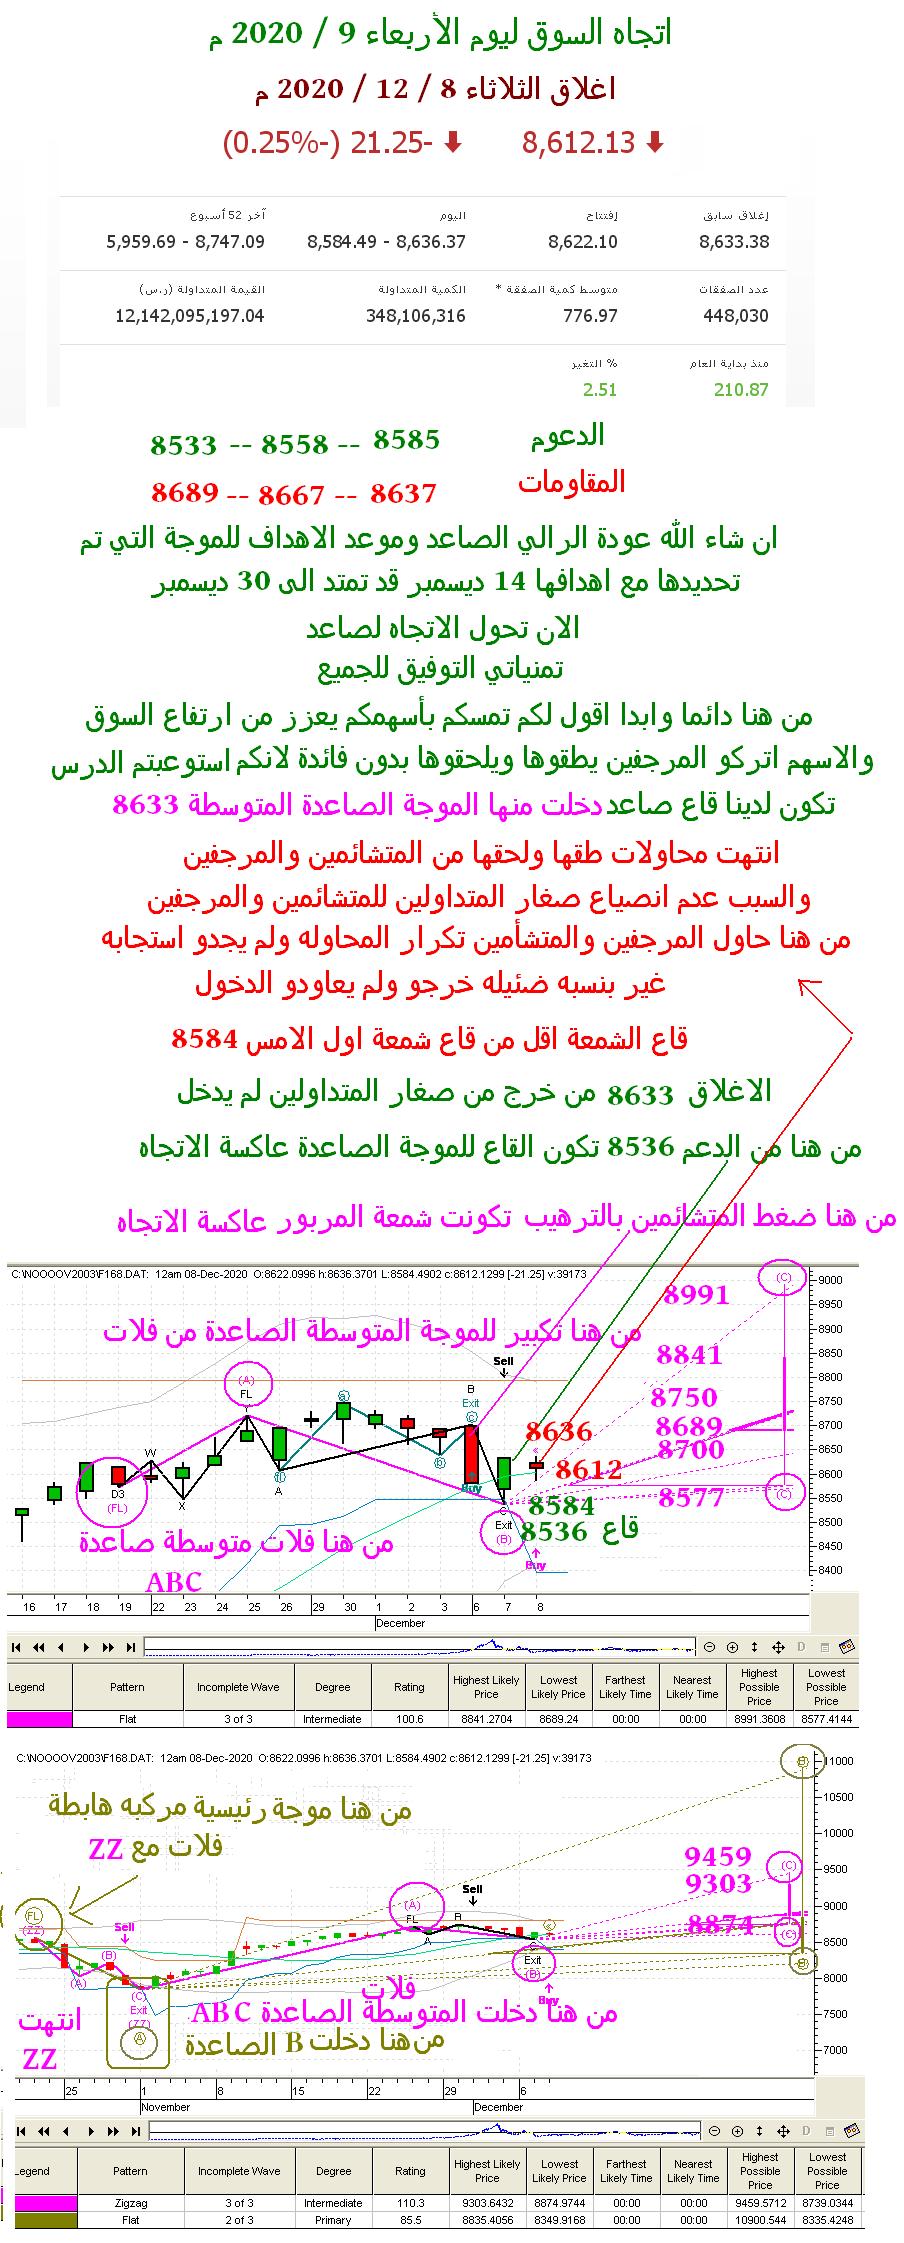 رد: اتجاه السوق ليوم الأربعاء 9 / 12 / 2020 م